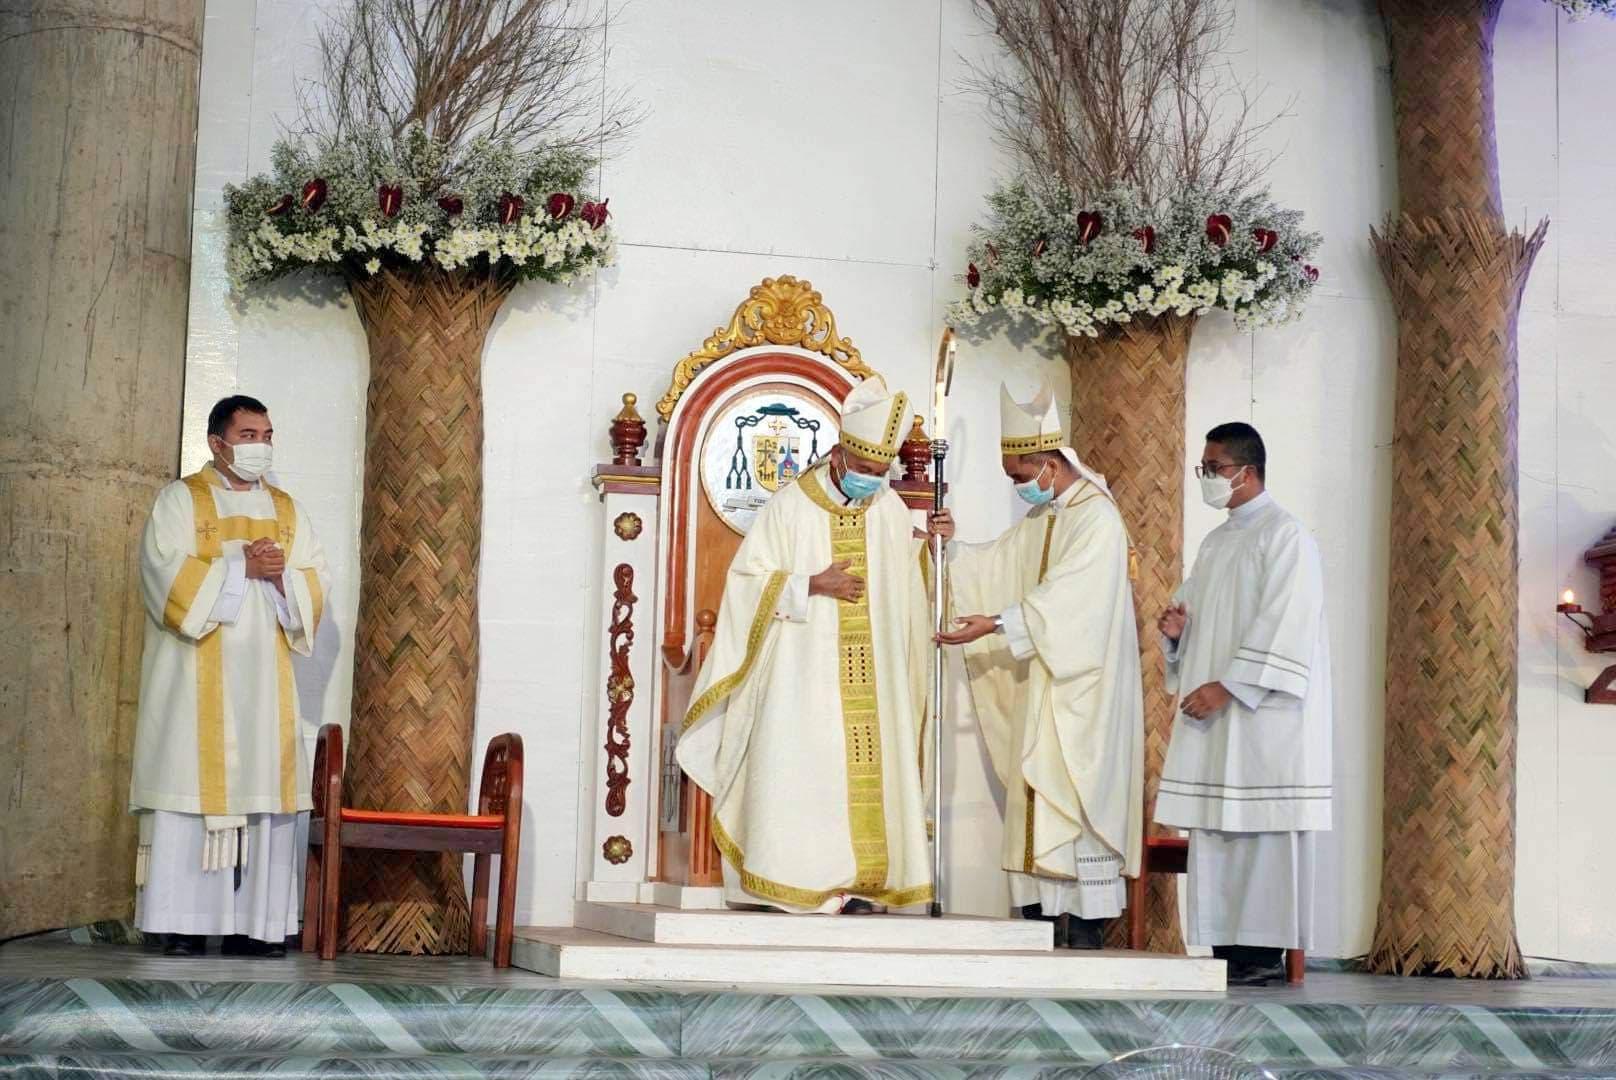 Bishop Pabillo installed as Vicar Apostolic of Taytay, Palawan